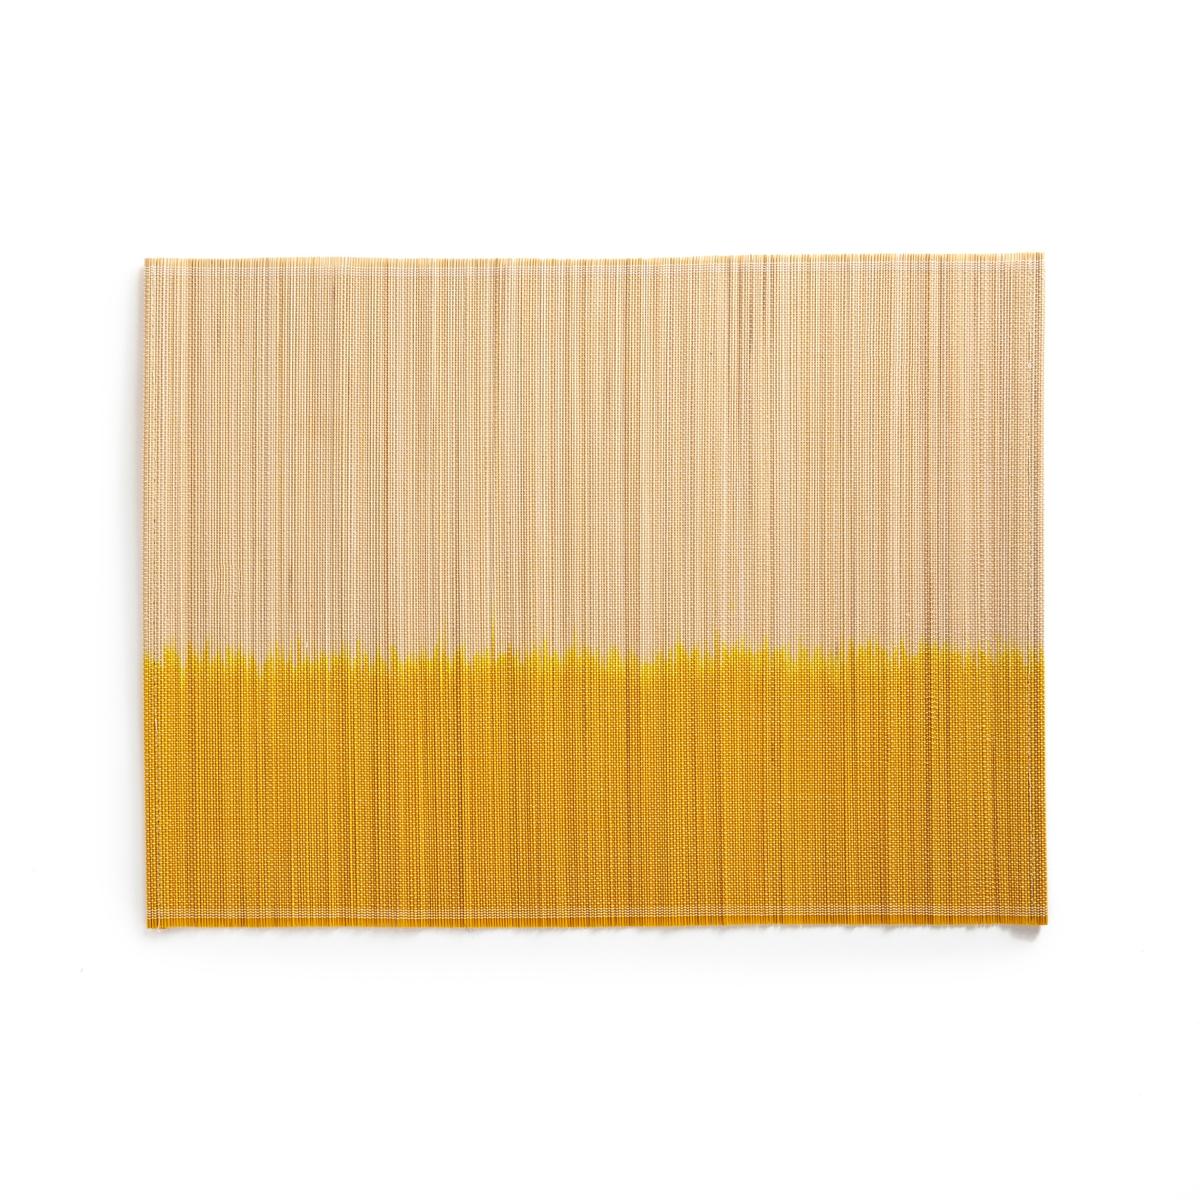 Комплект из подложек под La Redoute Приборы из бамбука DAYEM единый размер желтый медицинские приборы